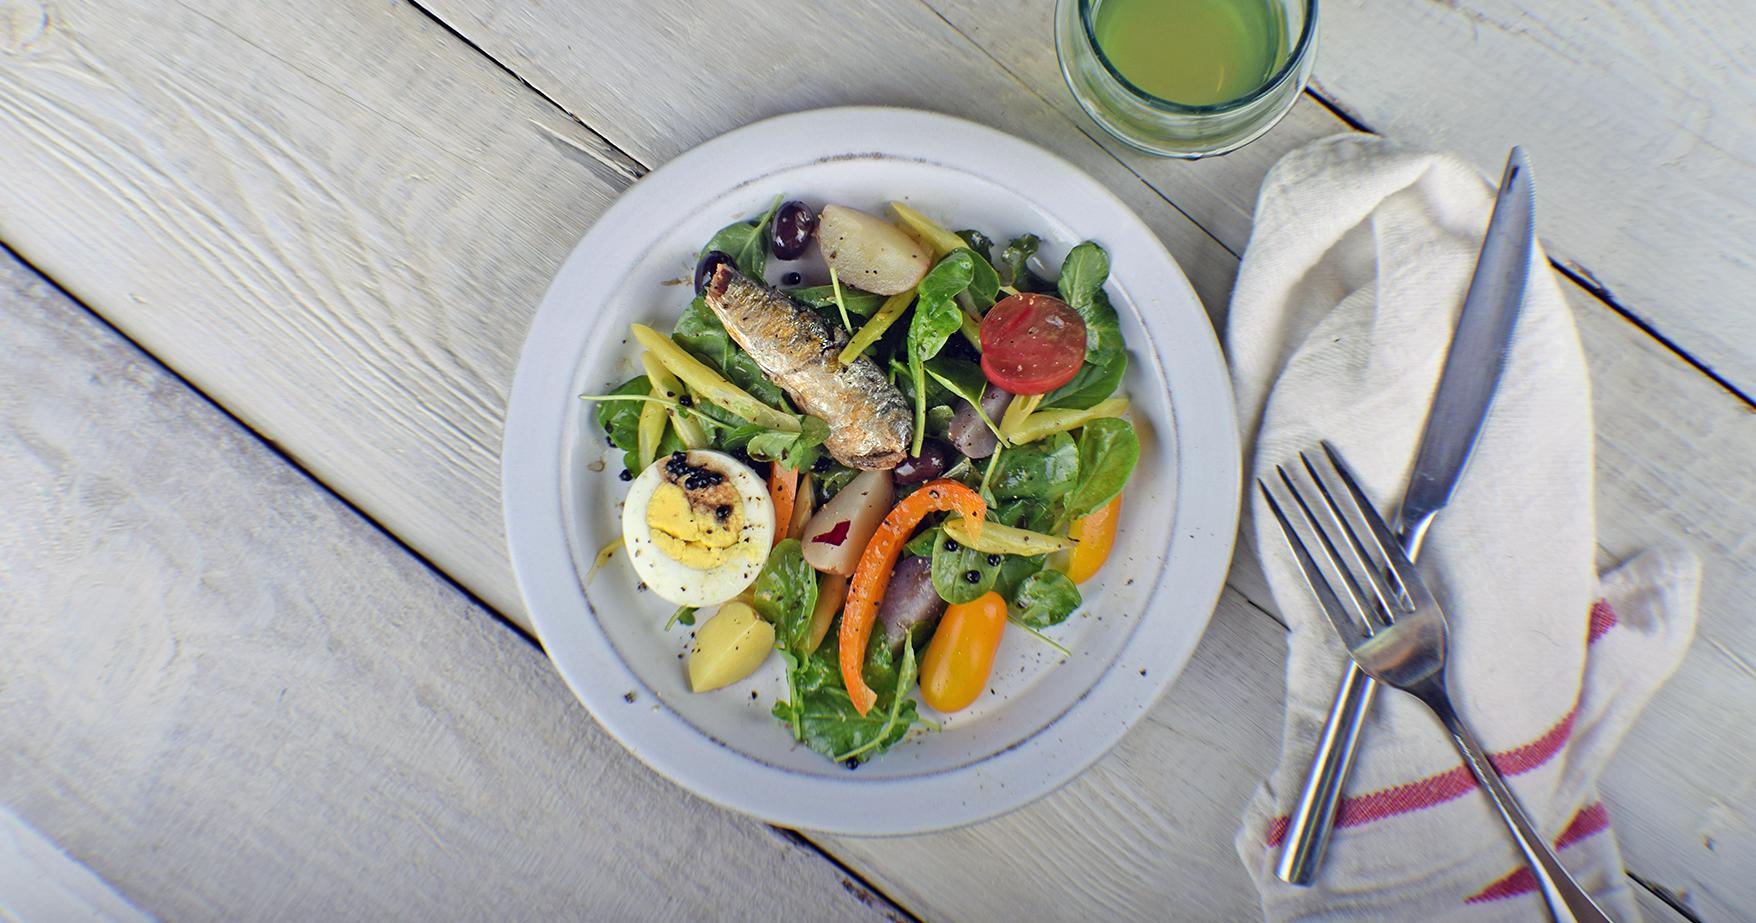 A Proper Niçoise Salad